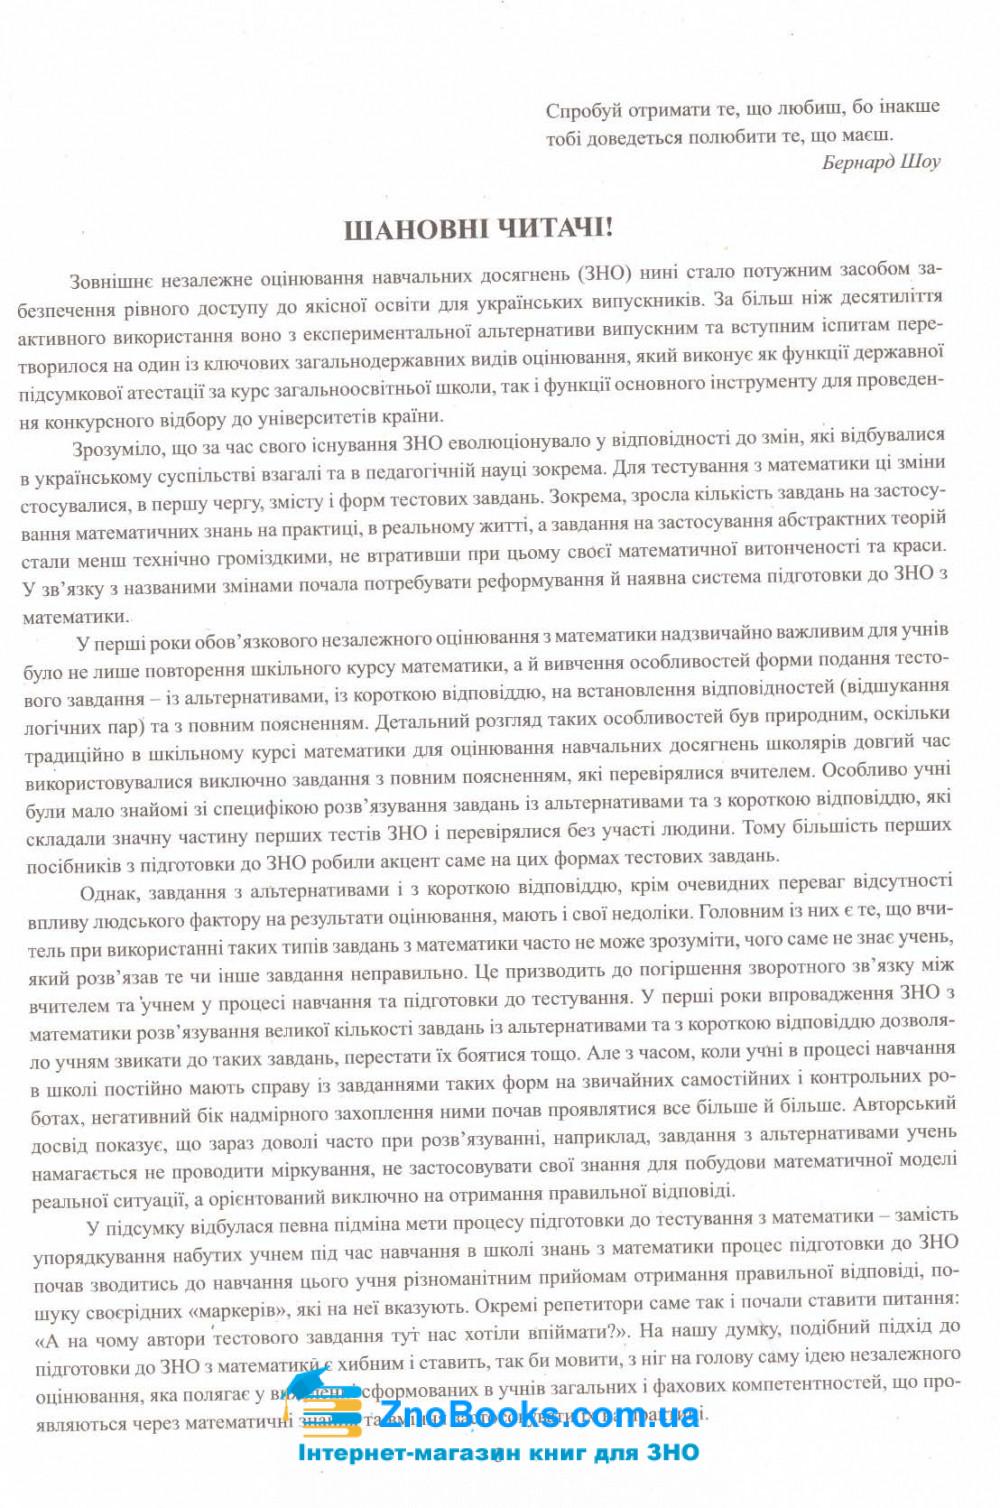 Сучасна підготовка до ЗНО 2022 з математики : Захарійченко Ю. Школьний О. Аксіома. купити 3